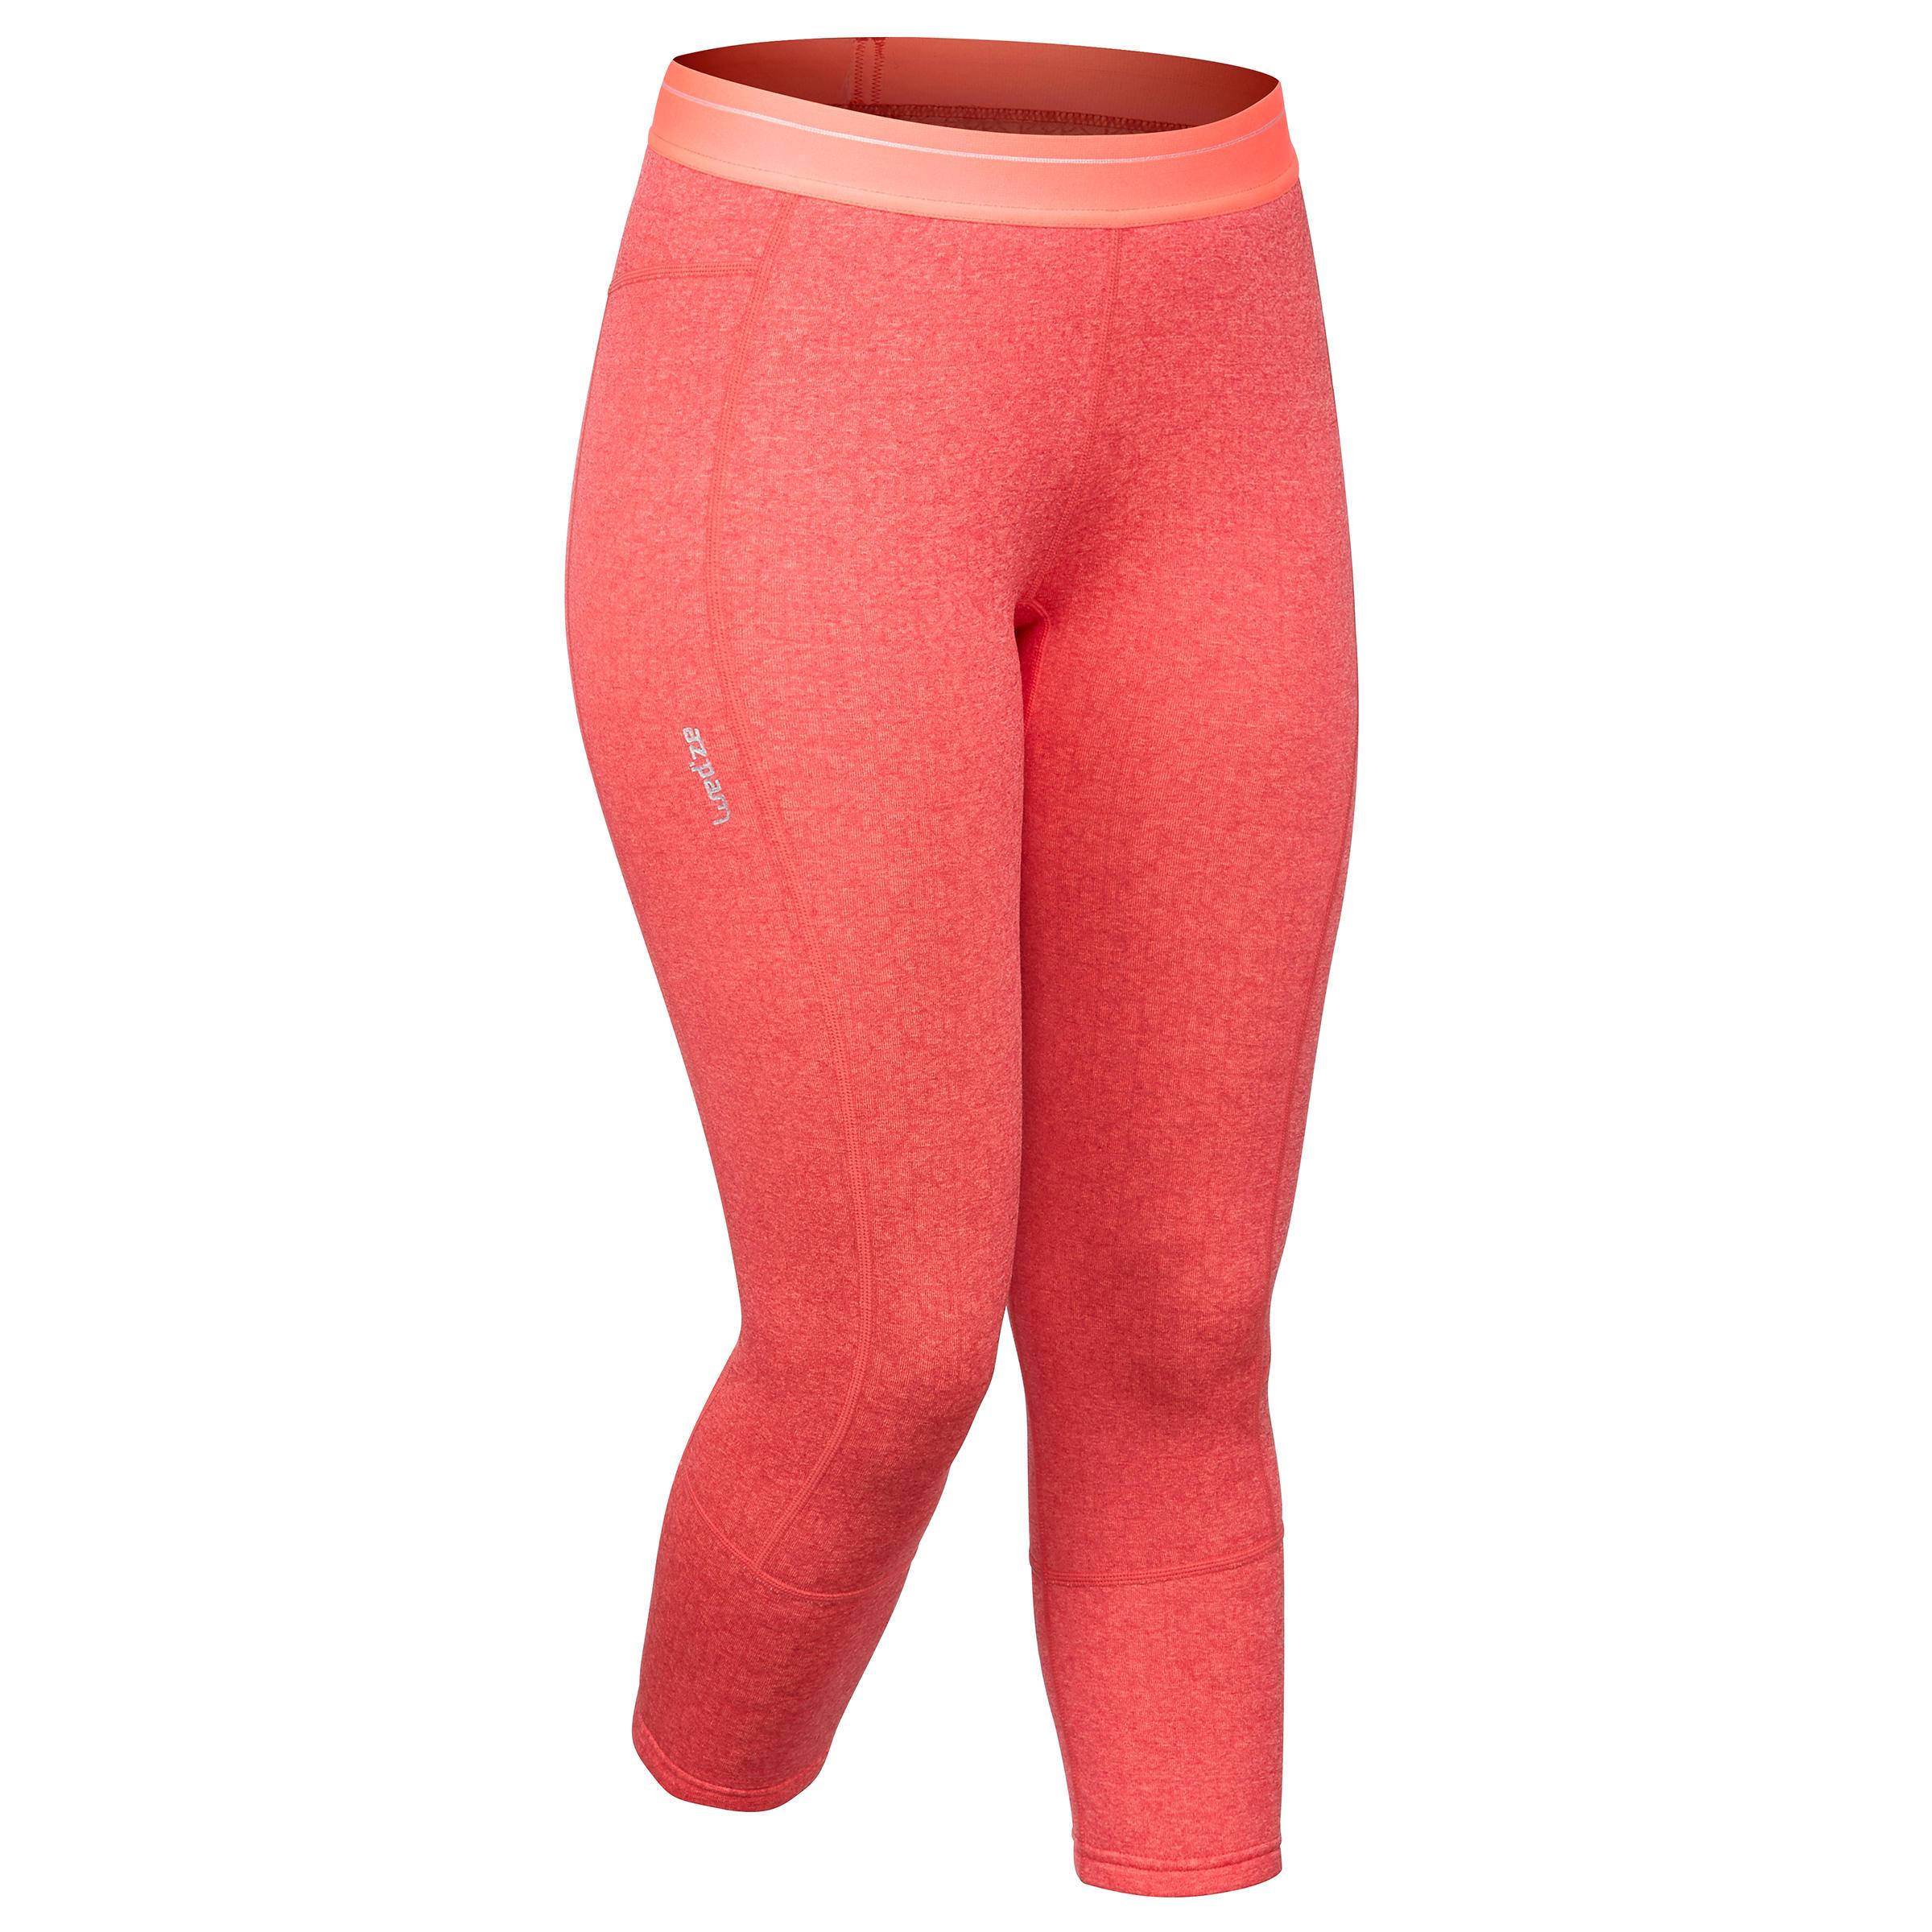 Skiunterhose 500 Damen koralle | Sportbekleidung > Funktionswäsche > Thermounterwäsche | Wed'ze